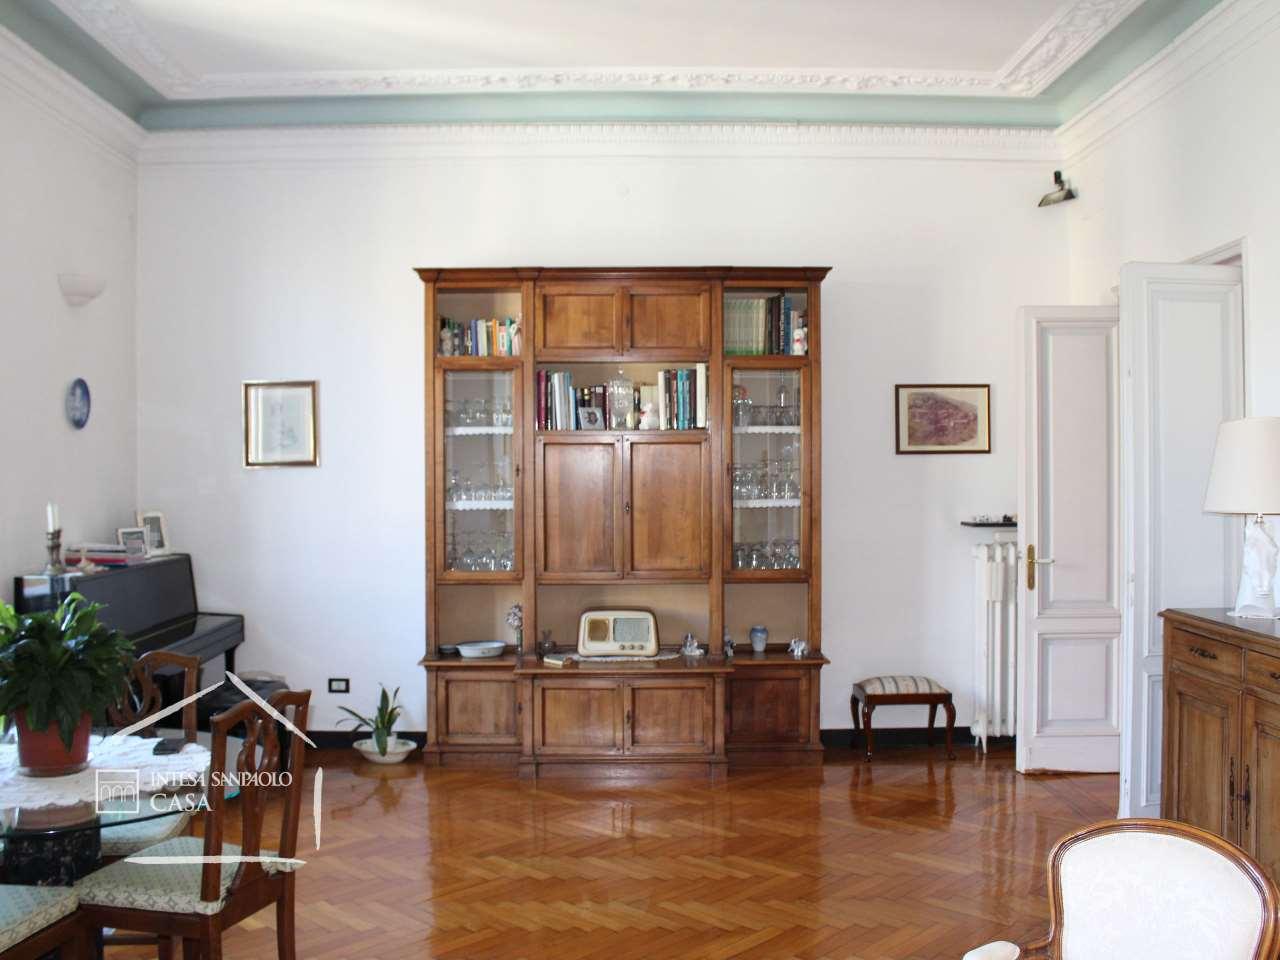 Appartamento in Vendita a Genova: 5 locali, 209 mq - Foto 5